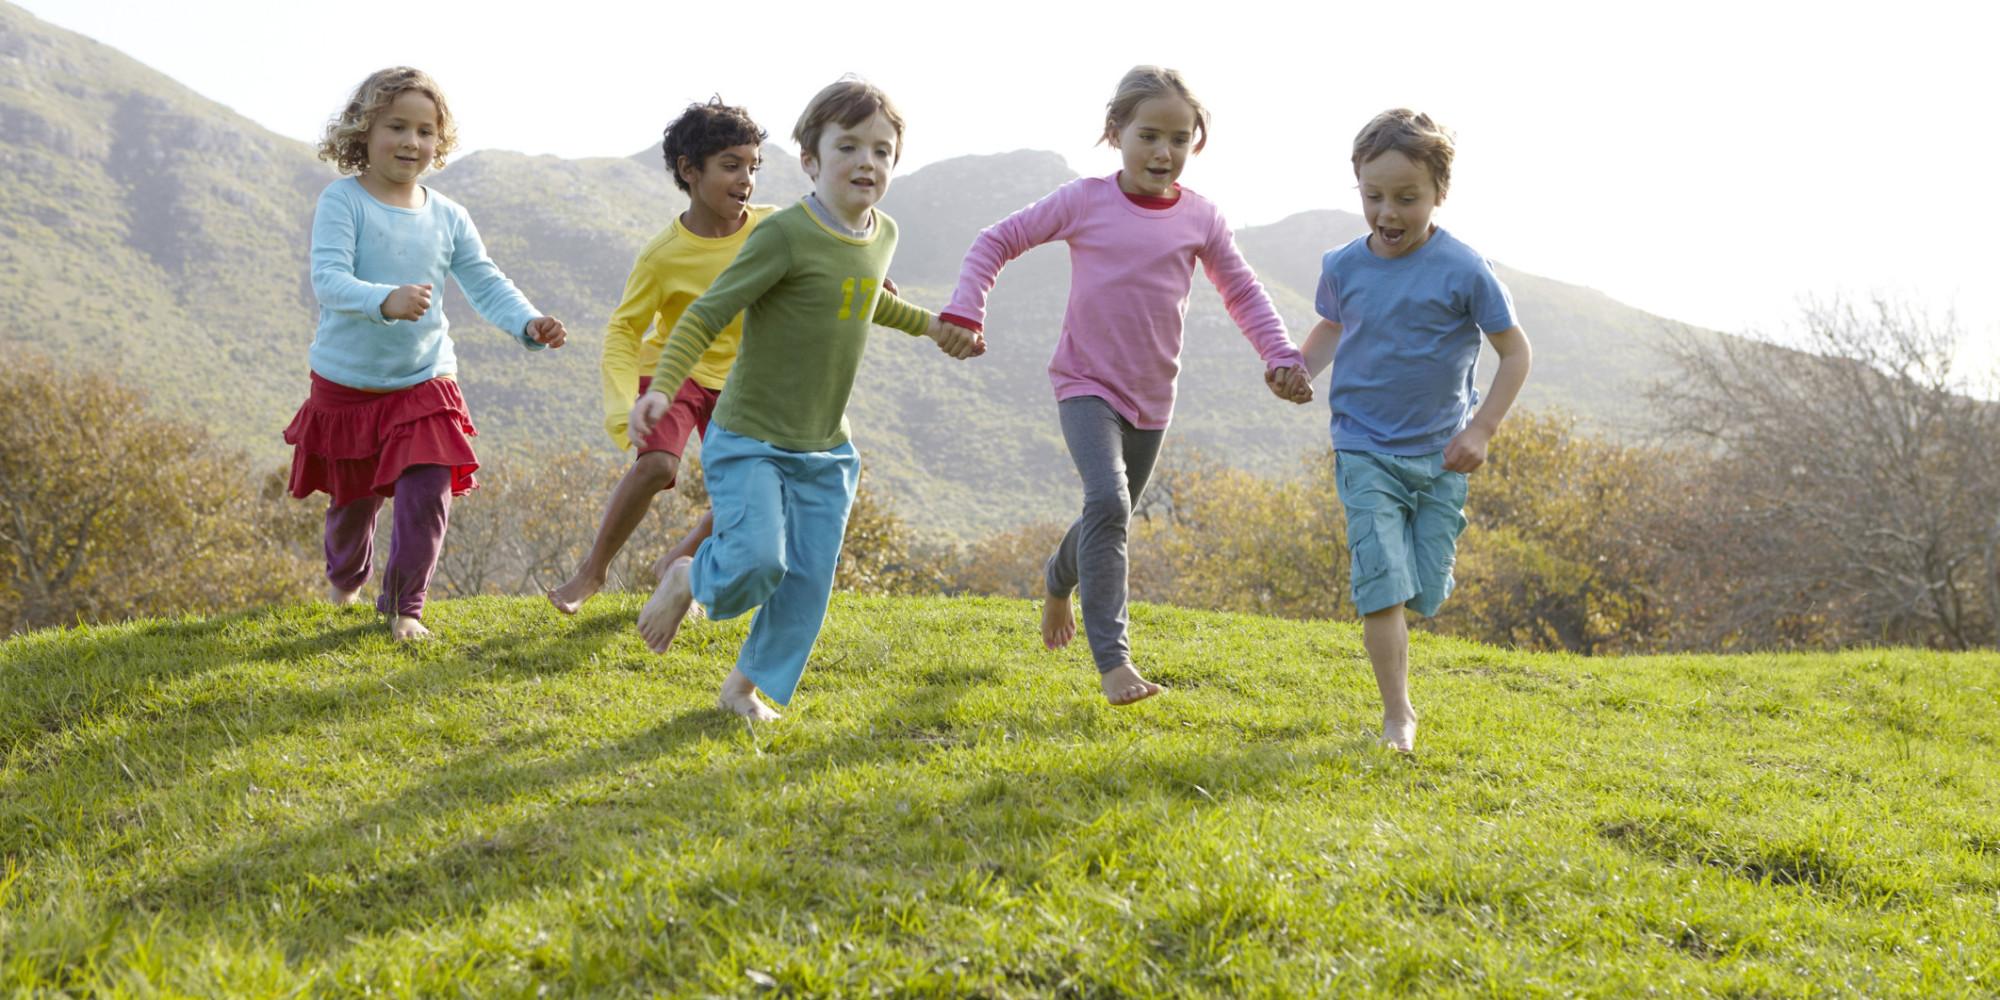 Trẻ vui chơi ngoài trời dễ dàng học hỏi điều hay thay vì ngồi xem ti-vi thụ động